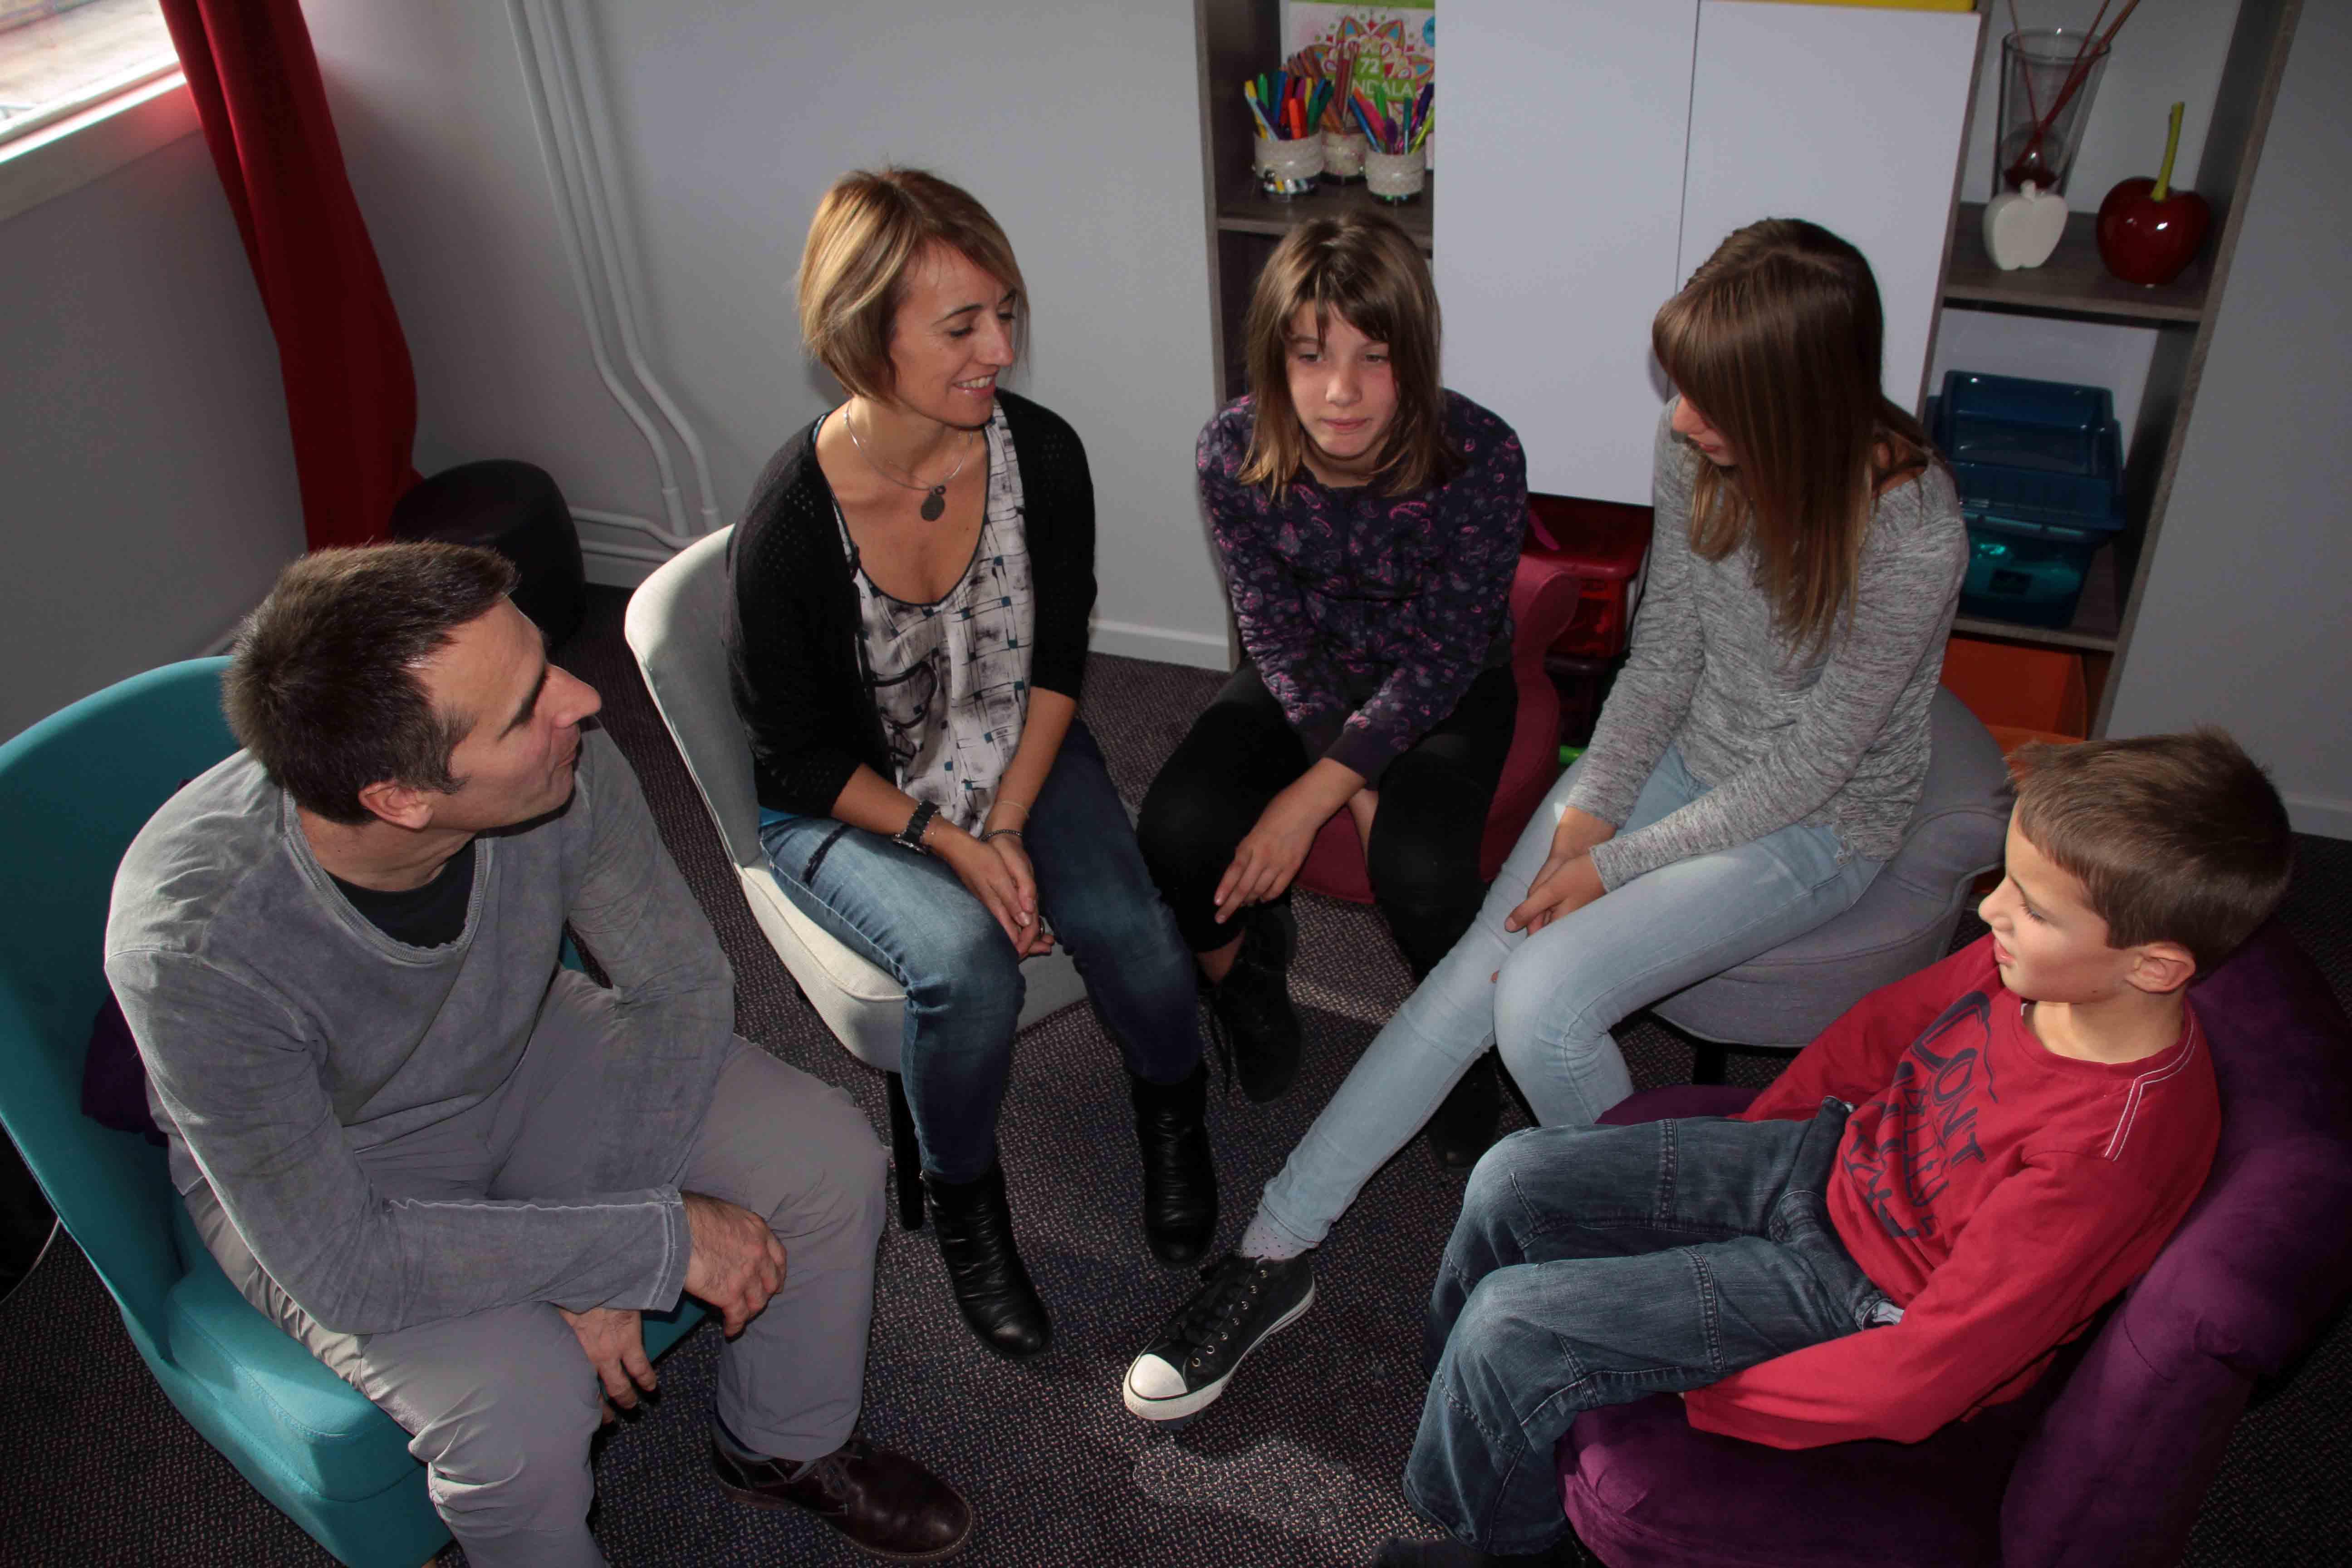 Séance systémique familiale chez le psychologue